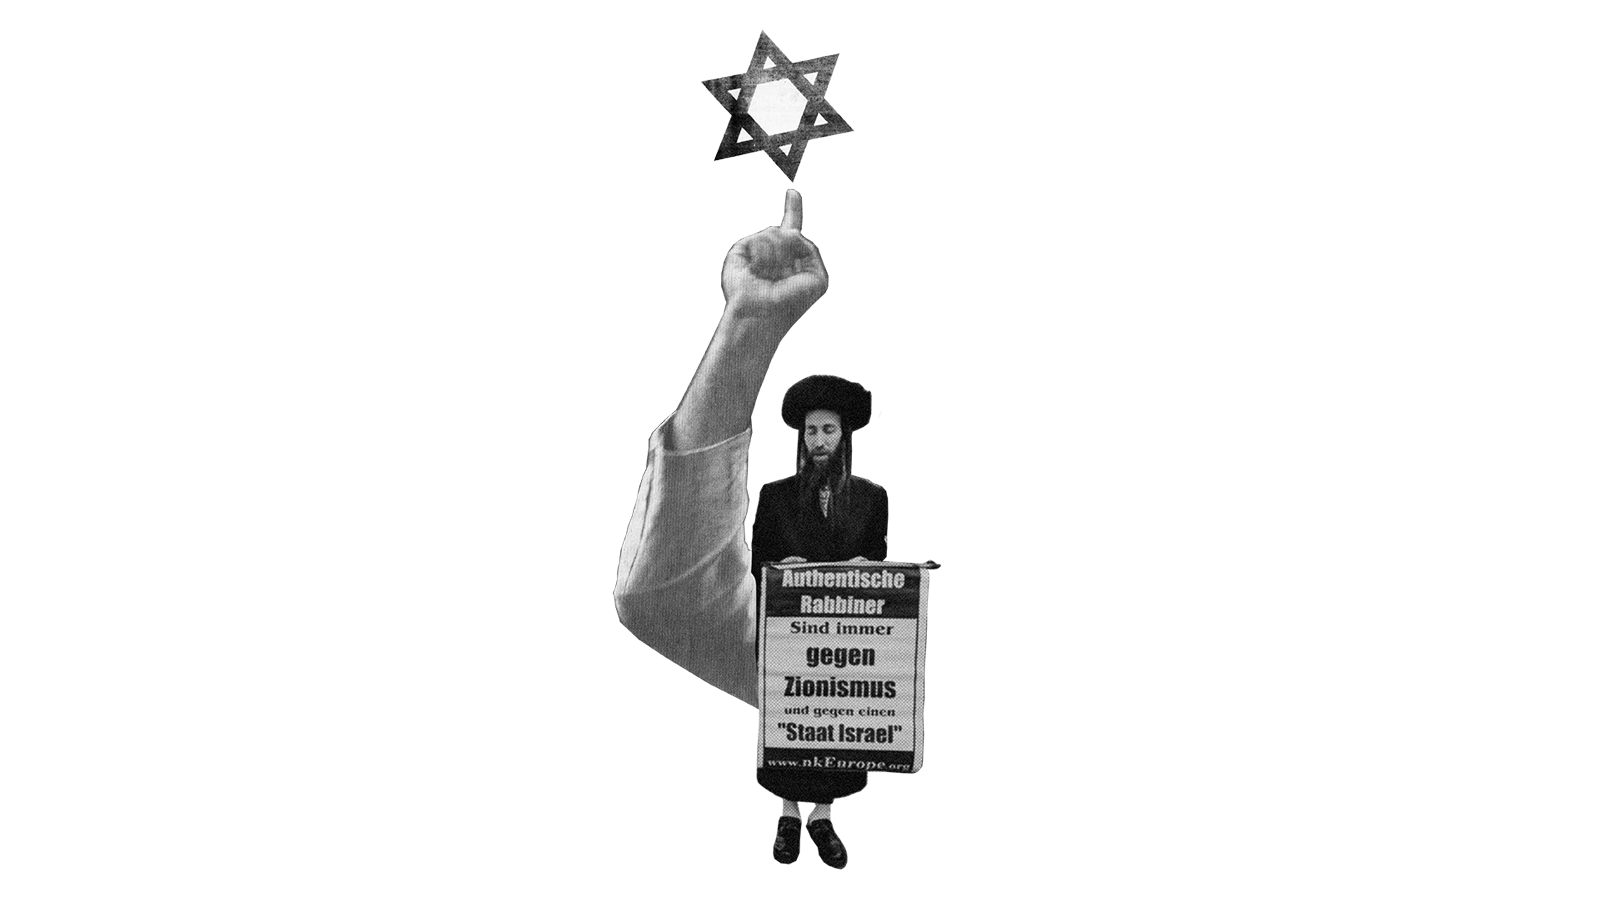 Die wahren Juden sind gegen Zionismus.